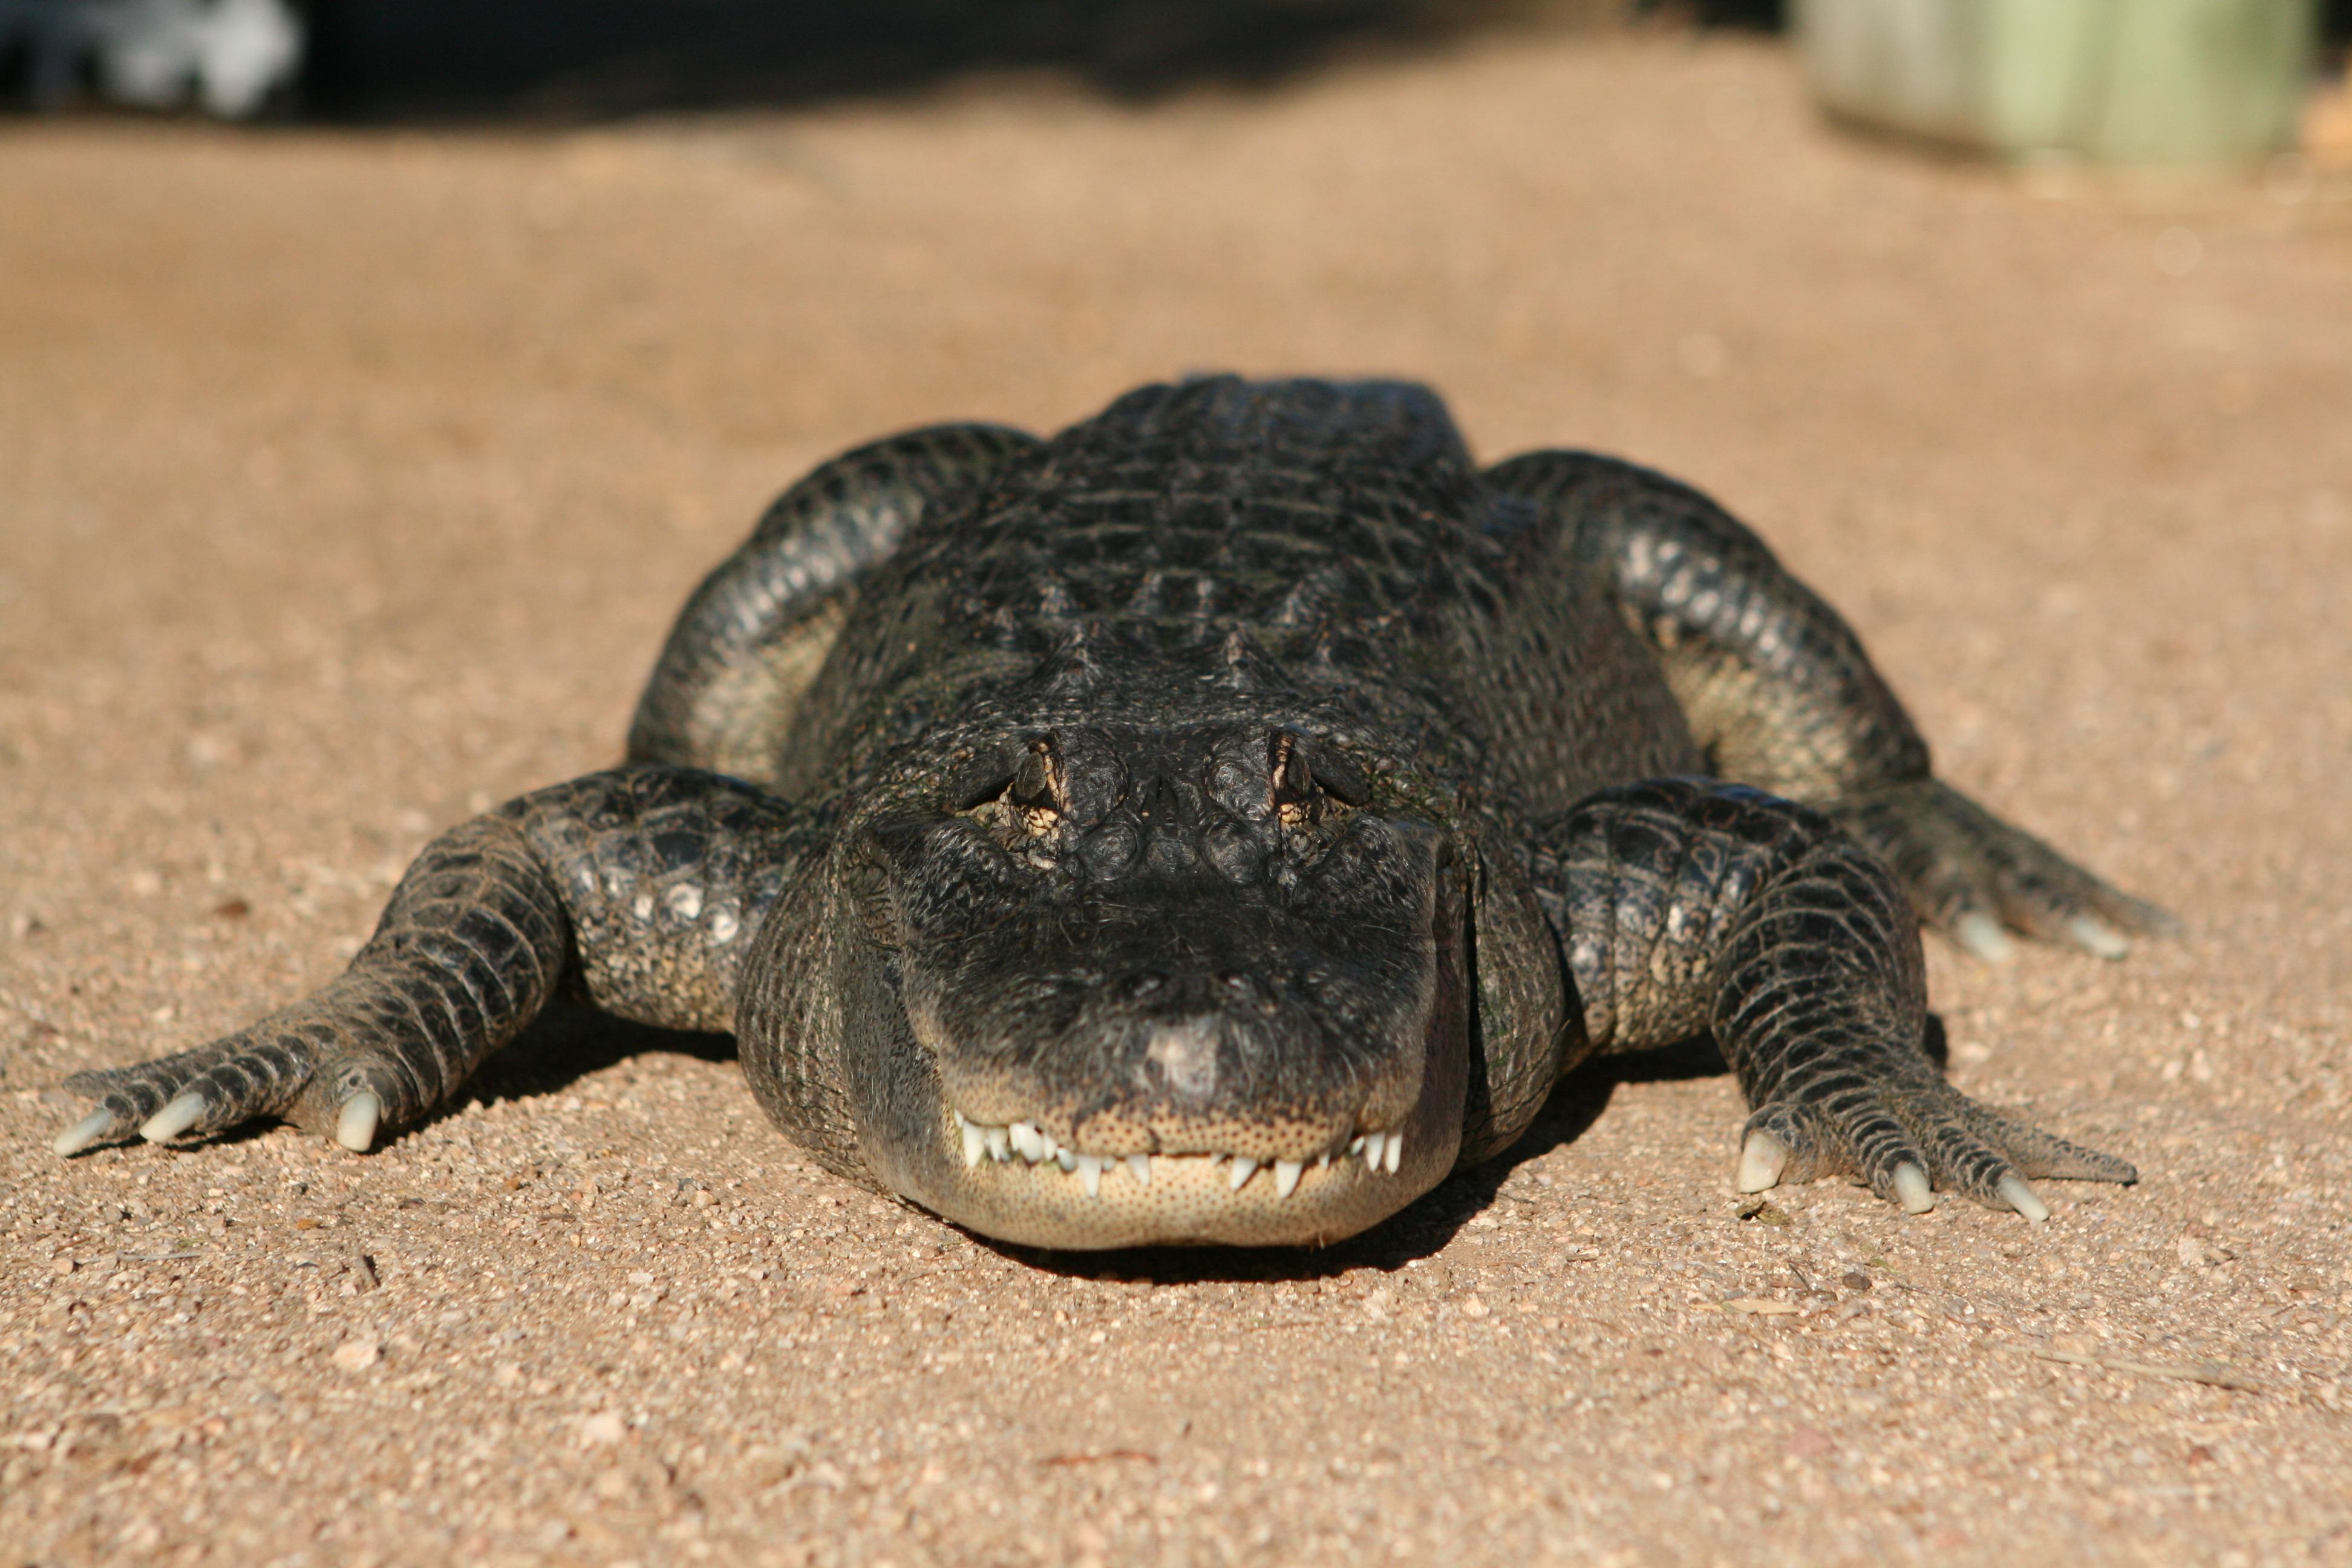 Crocodilian Teeth in a jar